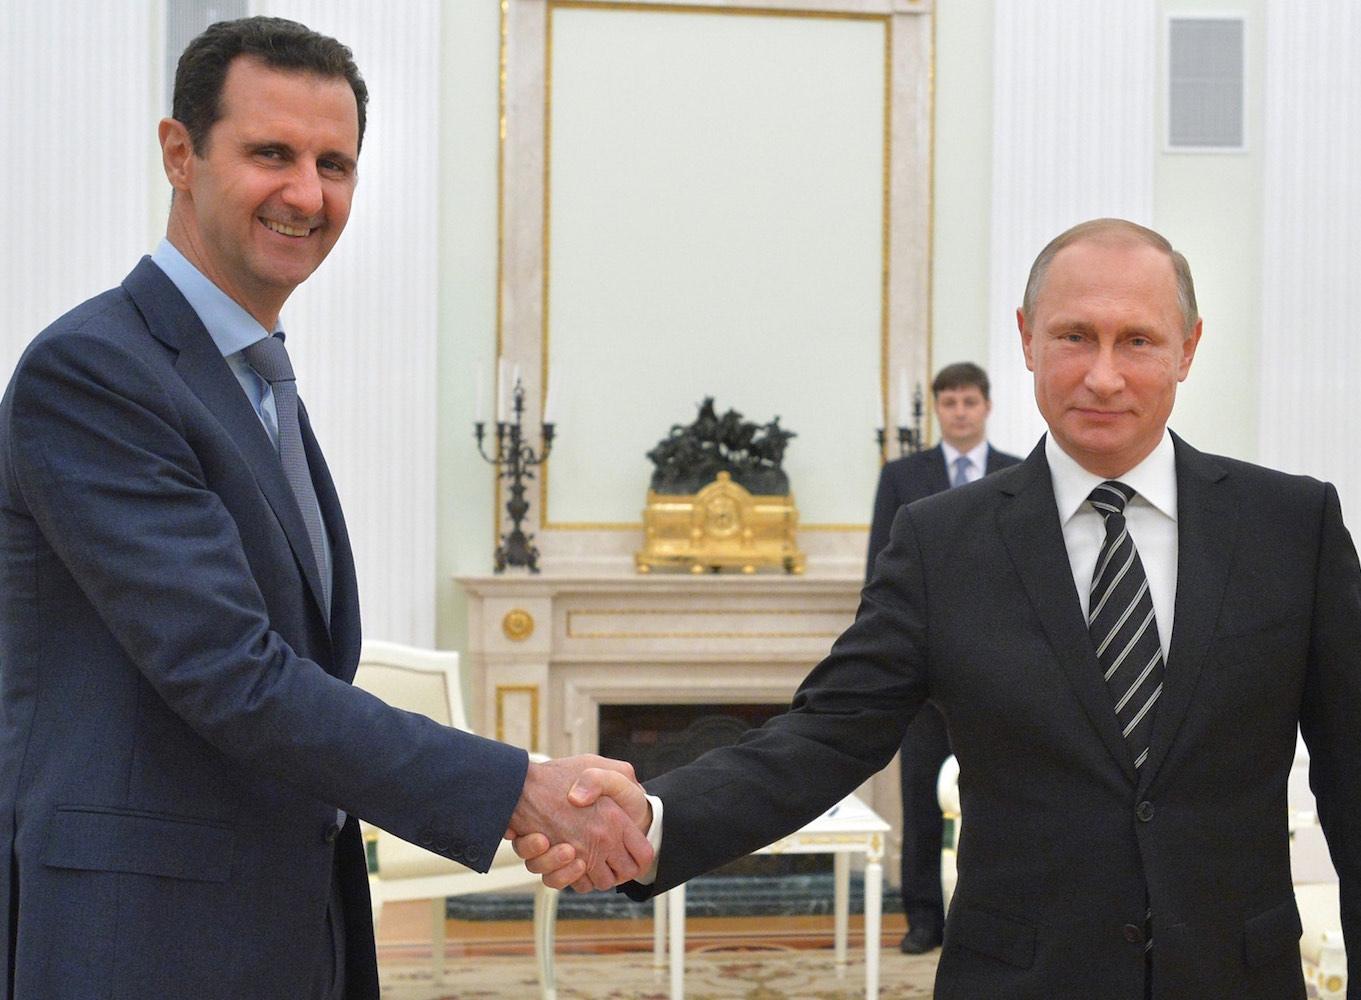 Rusya'dan Esad açıklaması: Suriye'de hiçbir siyasi figürü desteklemiyoruz